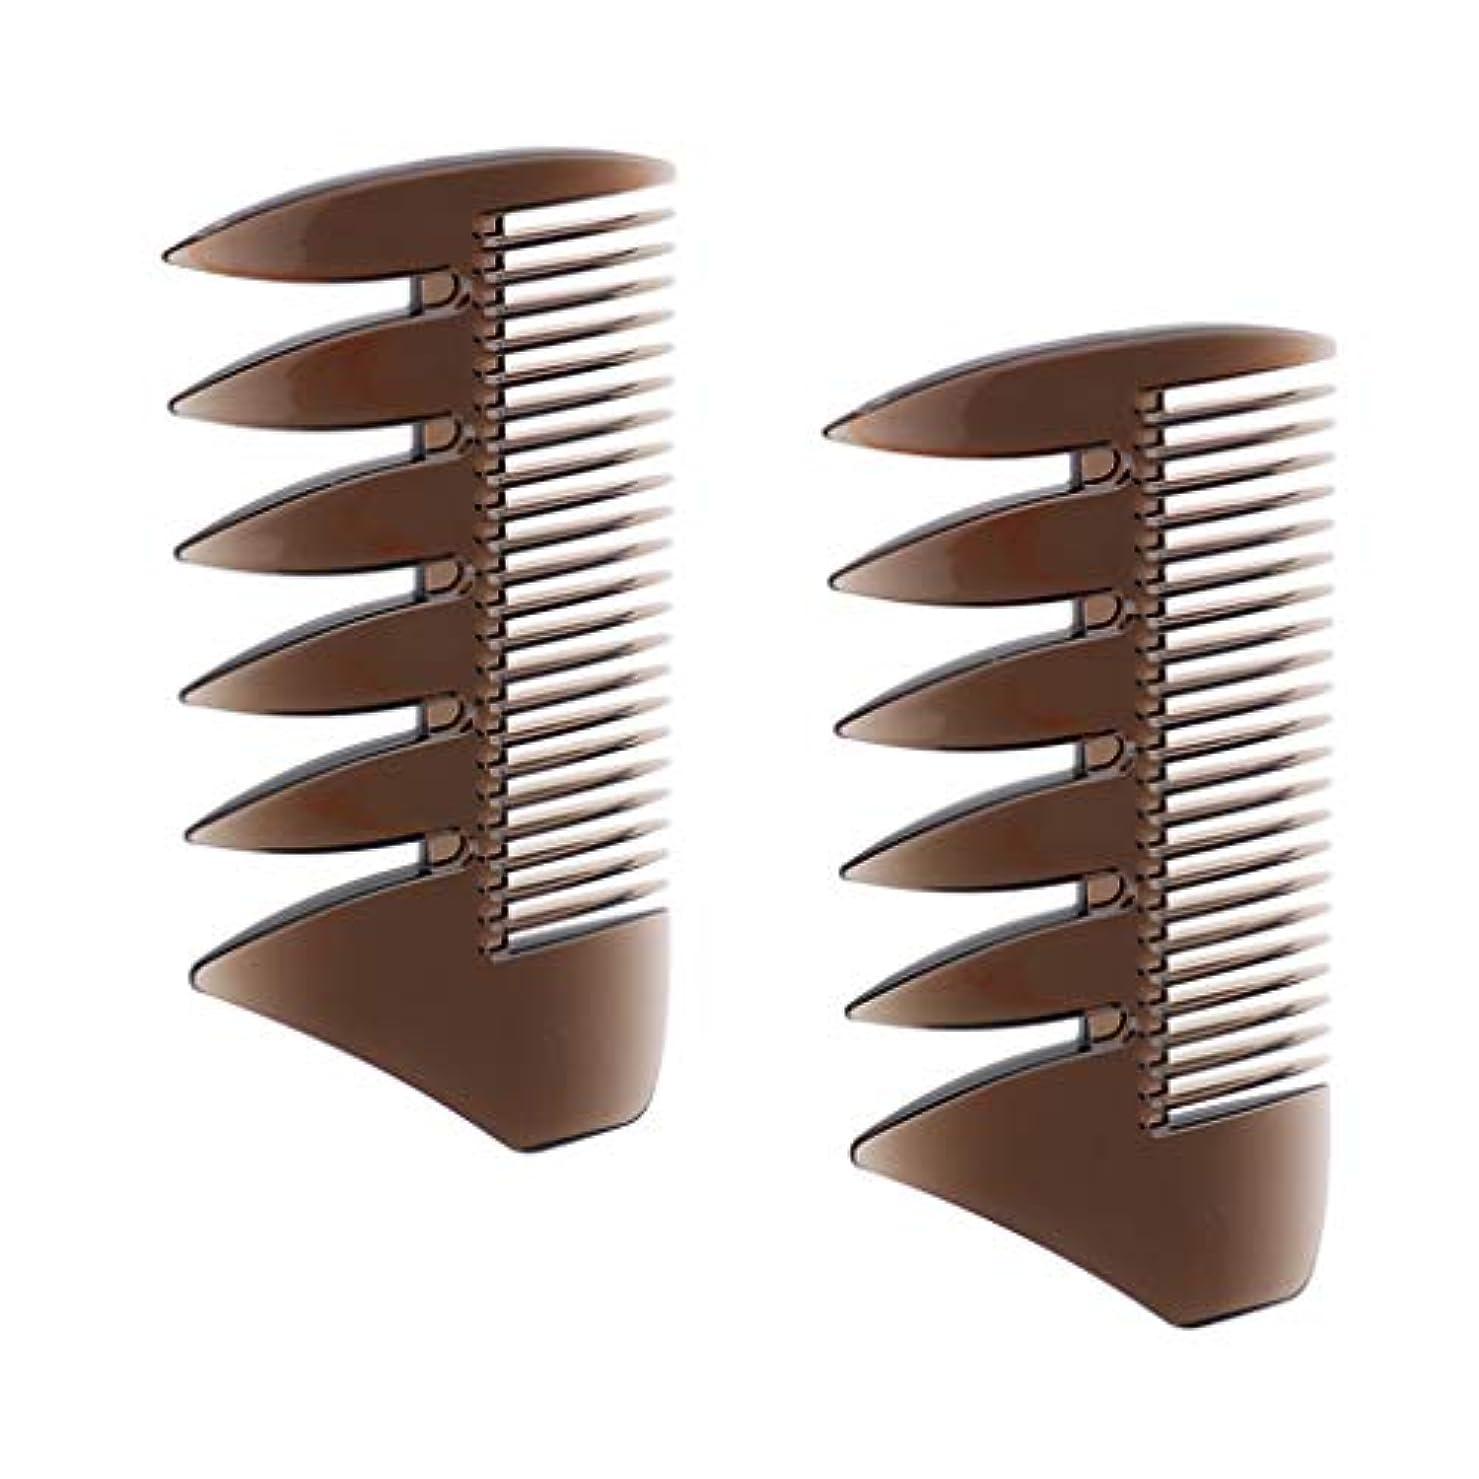 ピットふさわしいなめらかなF Fityle 2個 ヘアコンビ デュアルサイド メンズ オイルの髪 櫛 ヘアサロン ヘアスタイリング